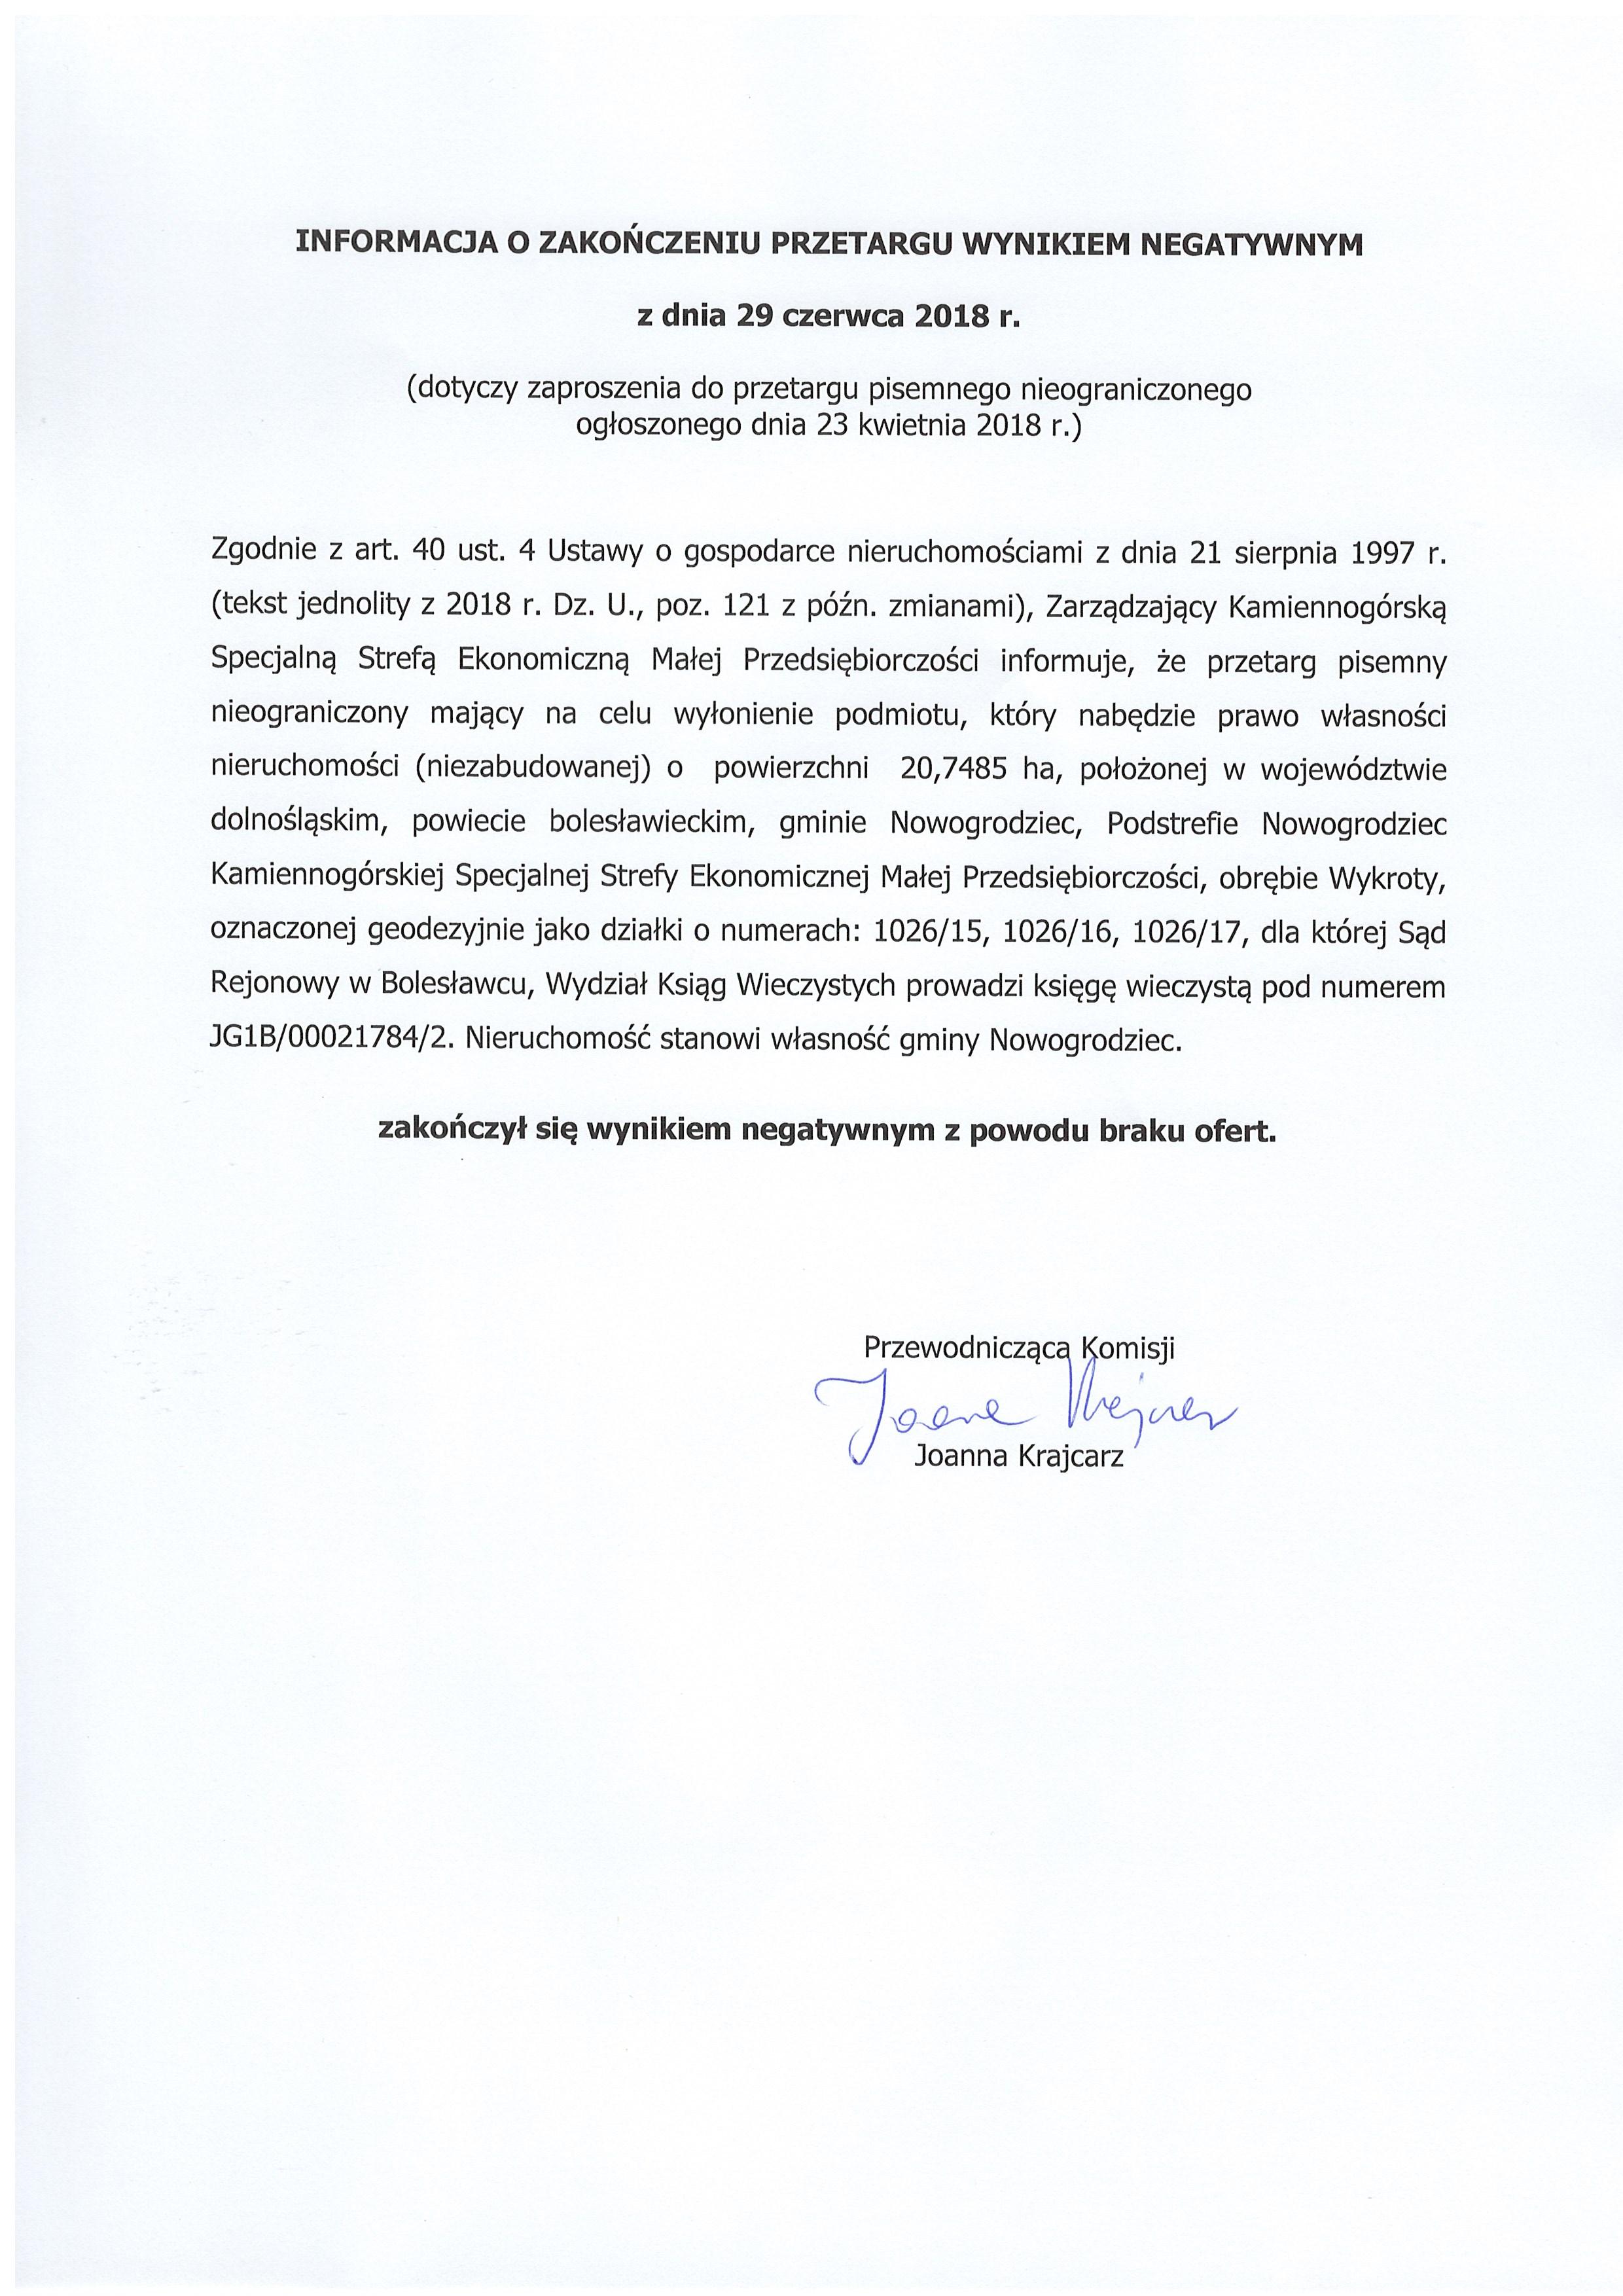 29.06.2018 r. Informacja o zakończeniu przetargu - brak ofert